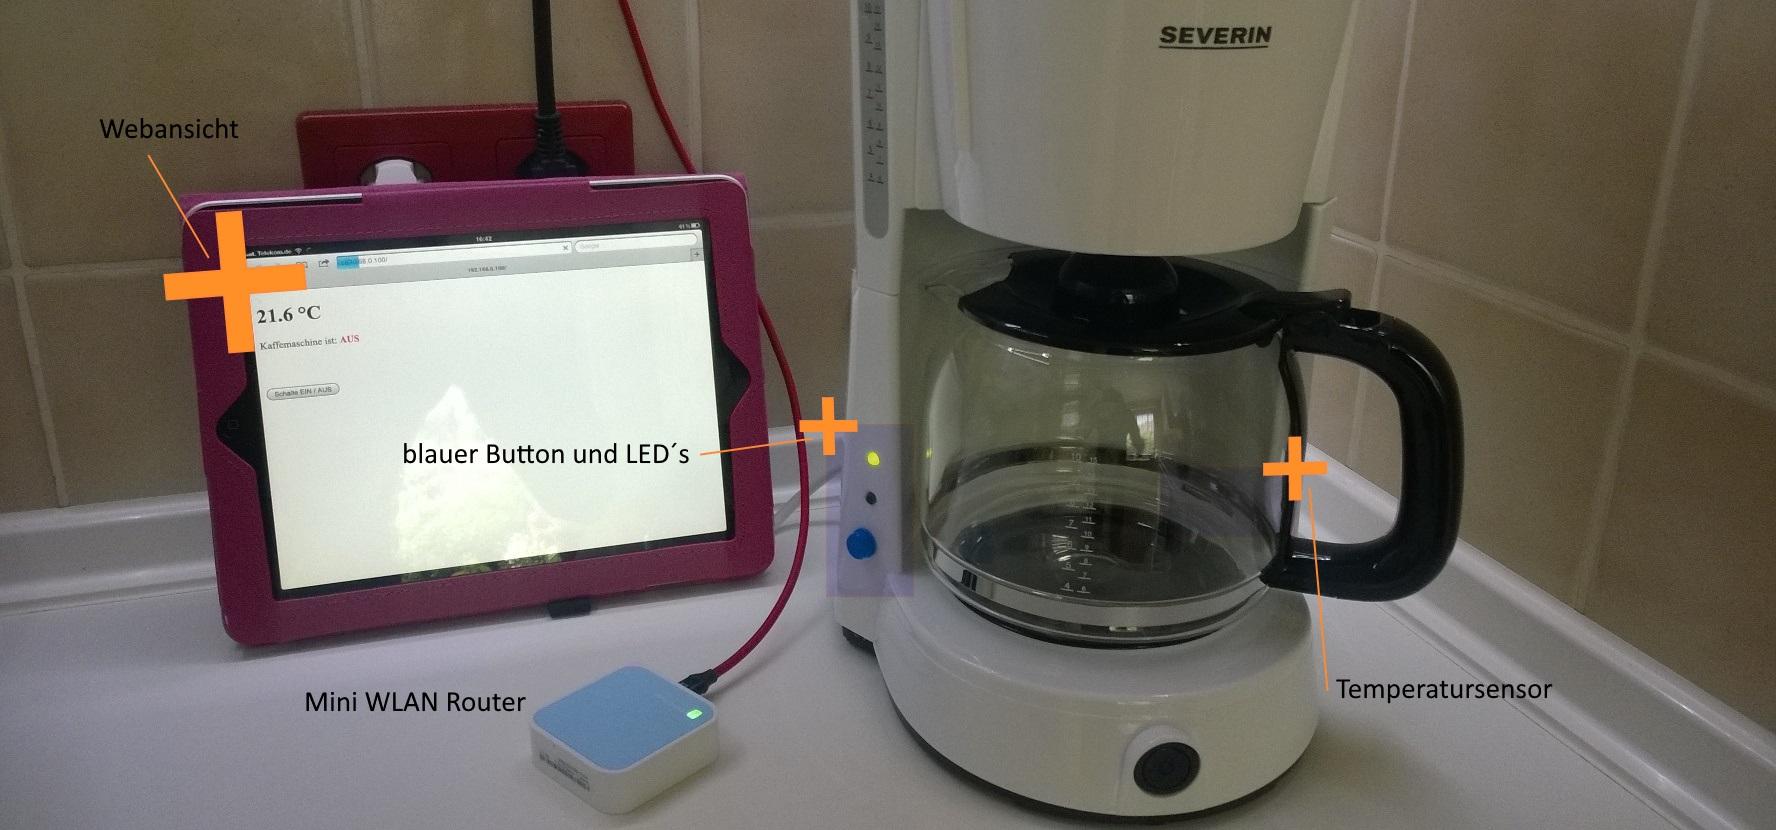 Iot Web Kaffeemaschine